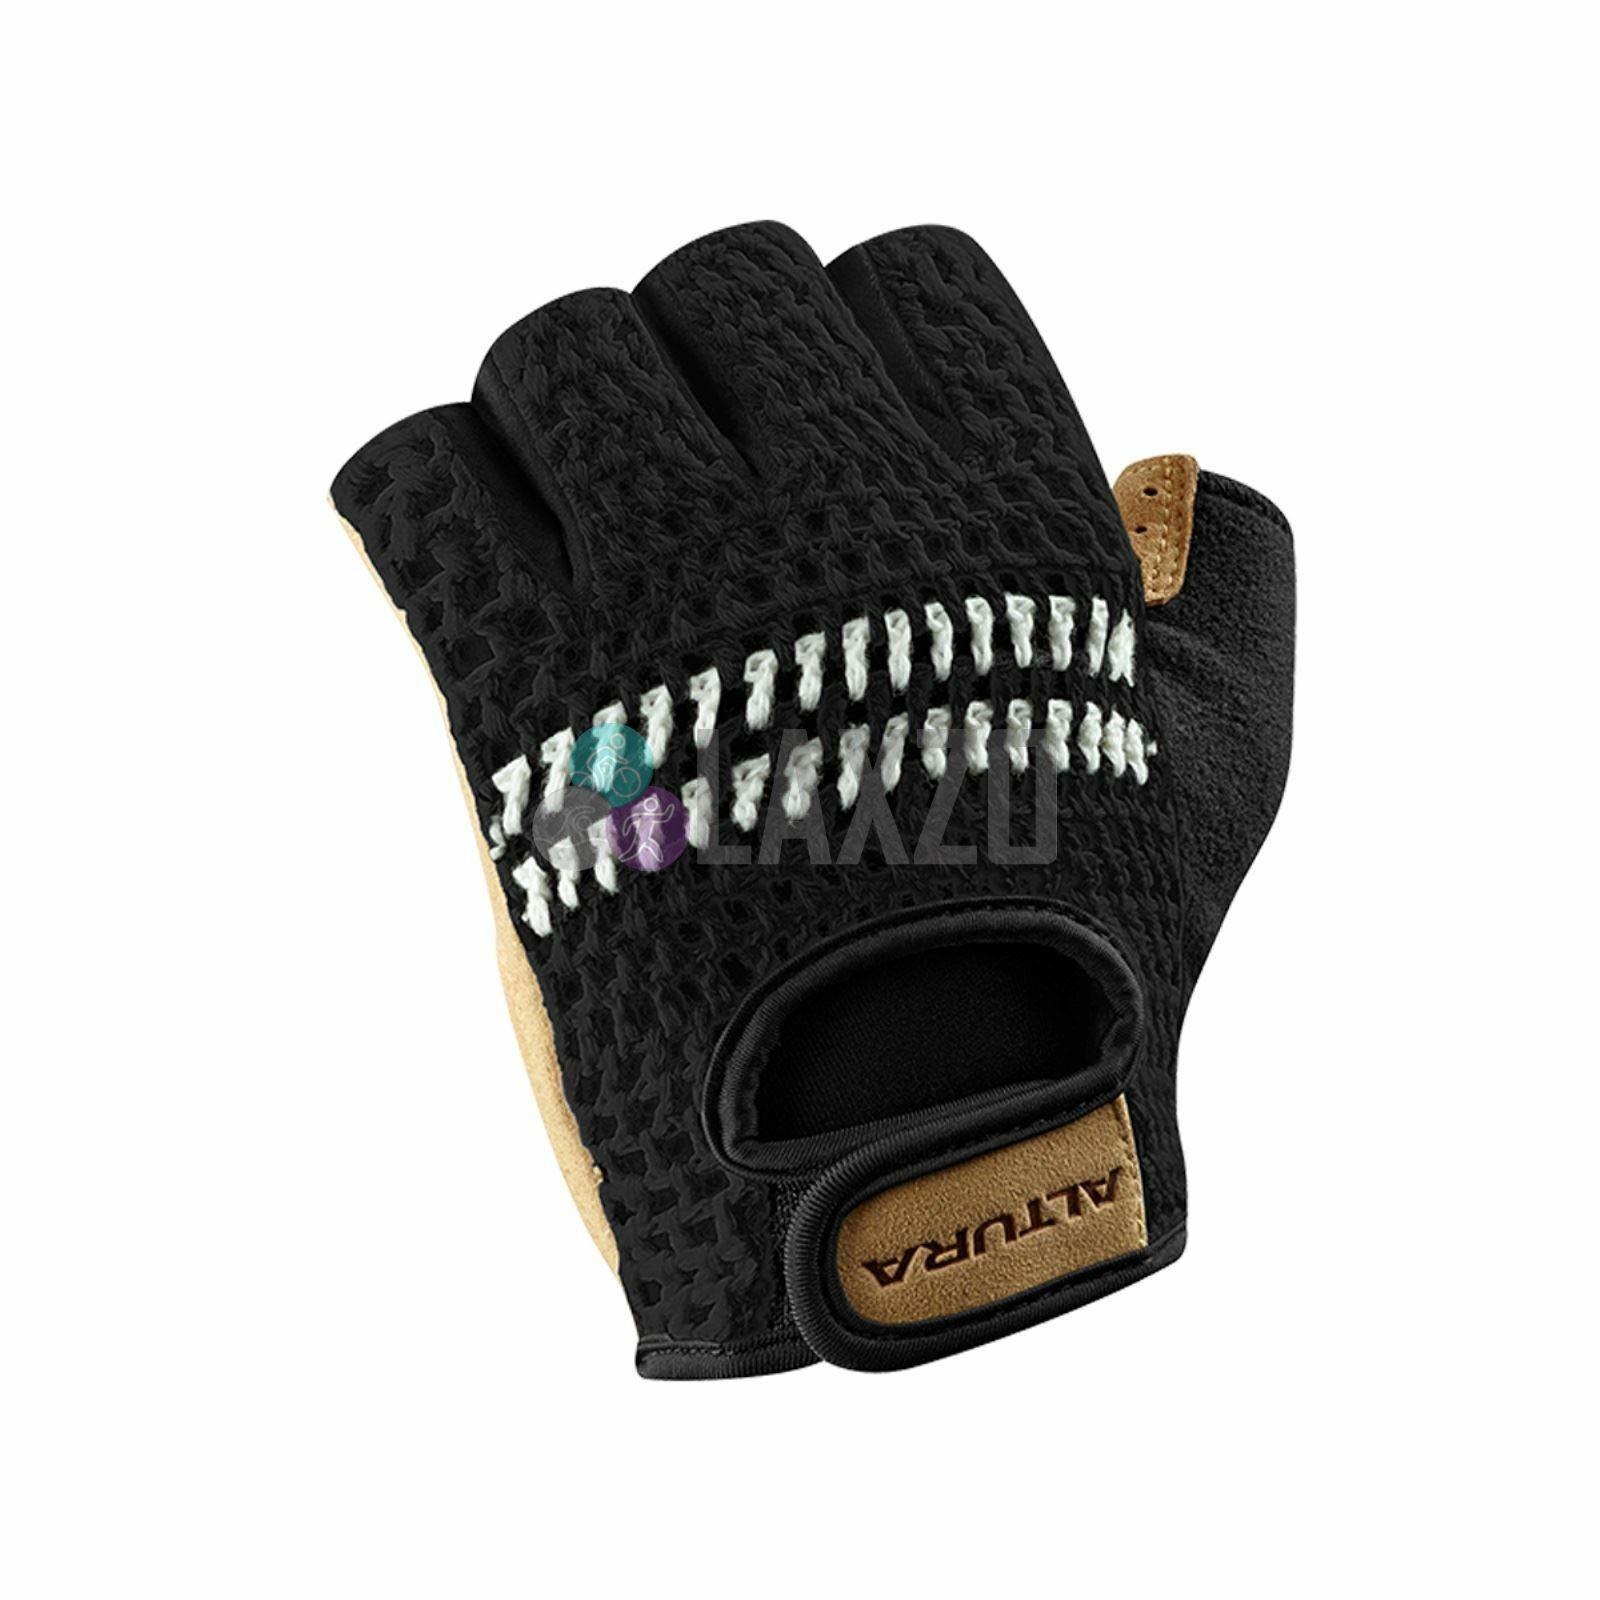 Push Black//Tan Crochet Classic Fingerless Cycling Bike Gloves Med Lrg XLrg Sm XS